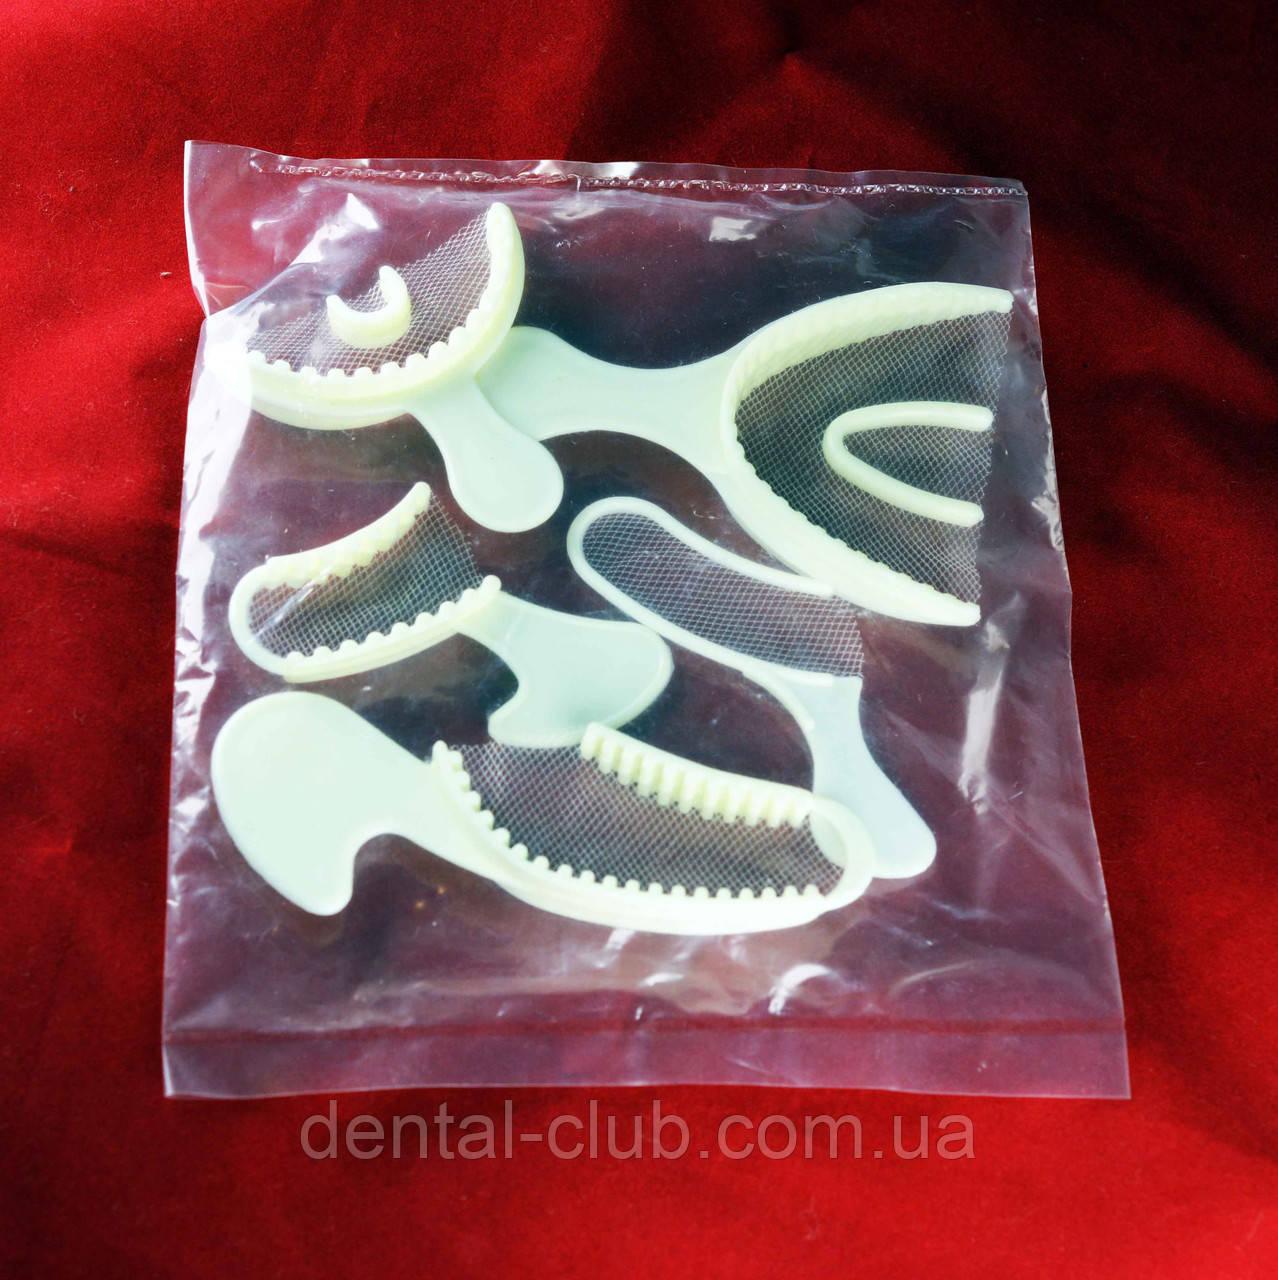 Набор пластмассовых оттискных ложек с сетчатым капроновым ложем для зубов(ложка с сеткой 5 шт) - Dental-Club в Киеве